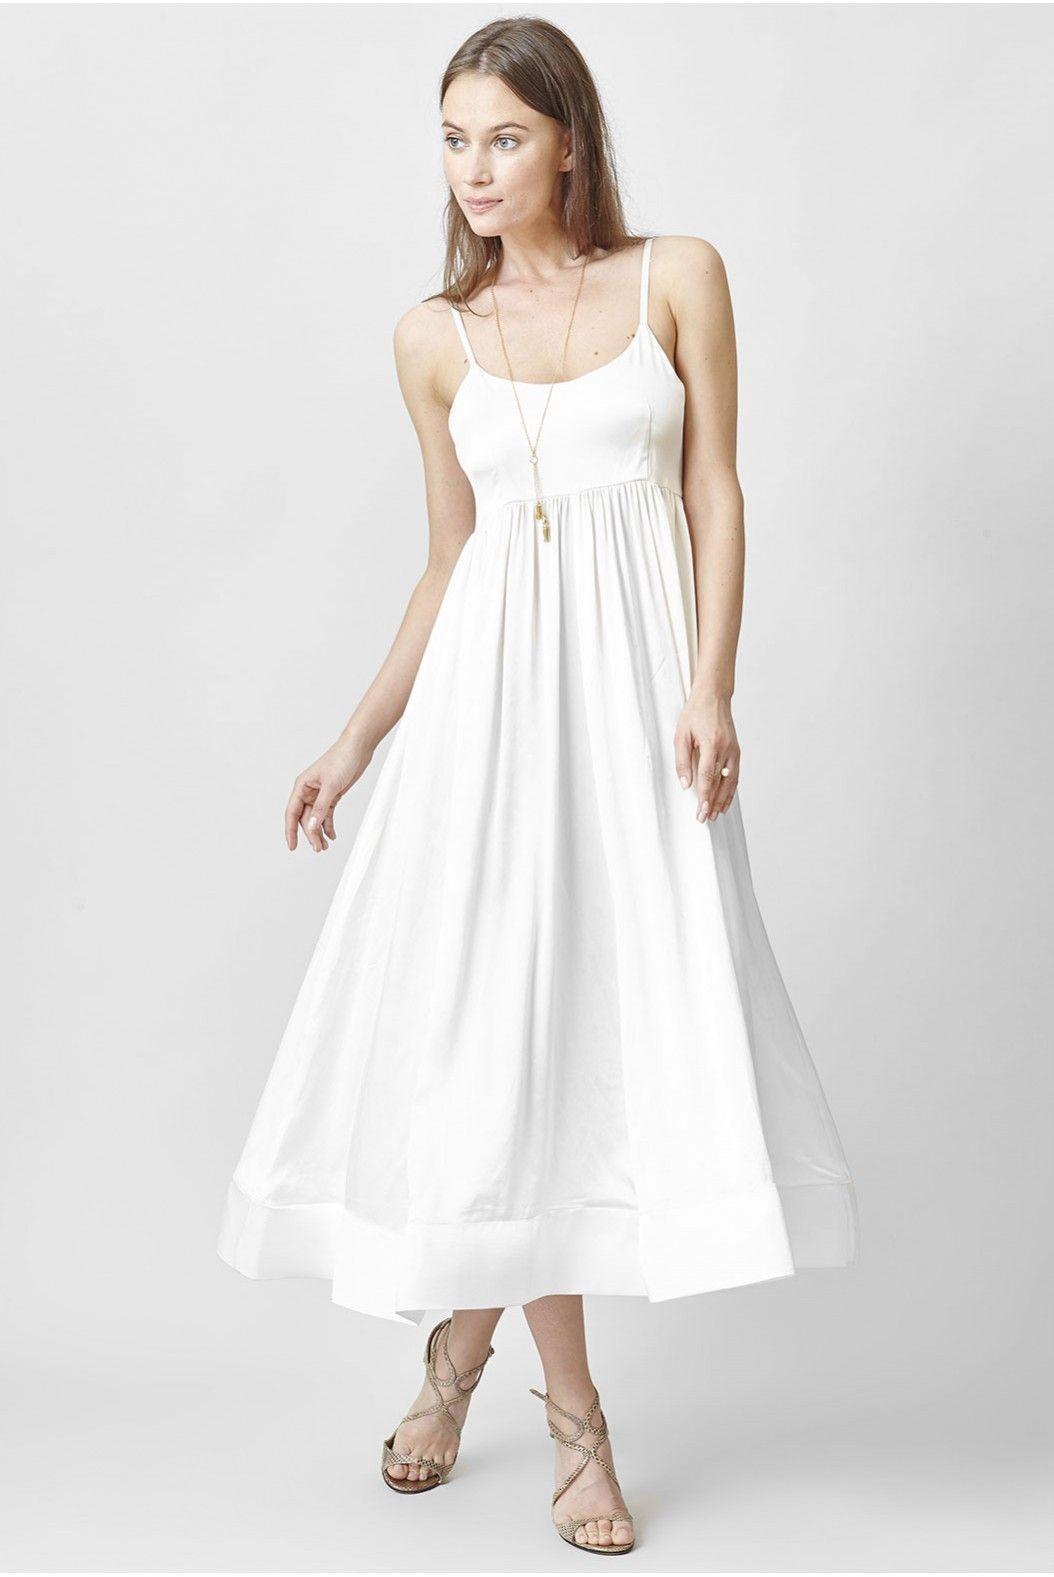 Robe blanche mi longue coton